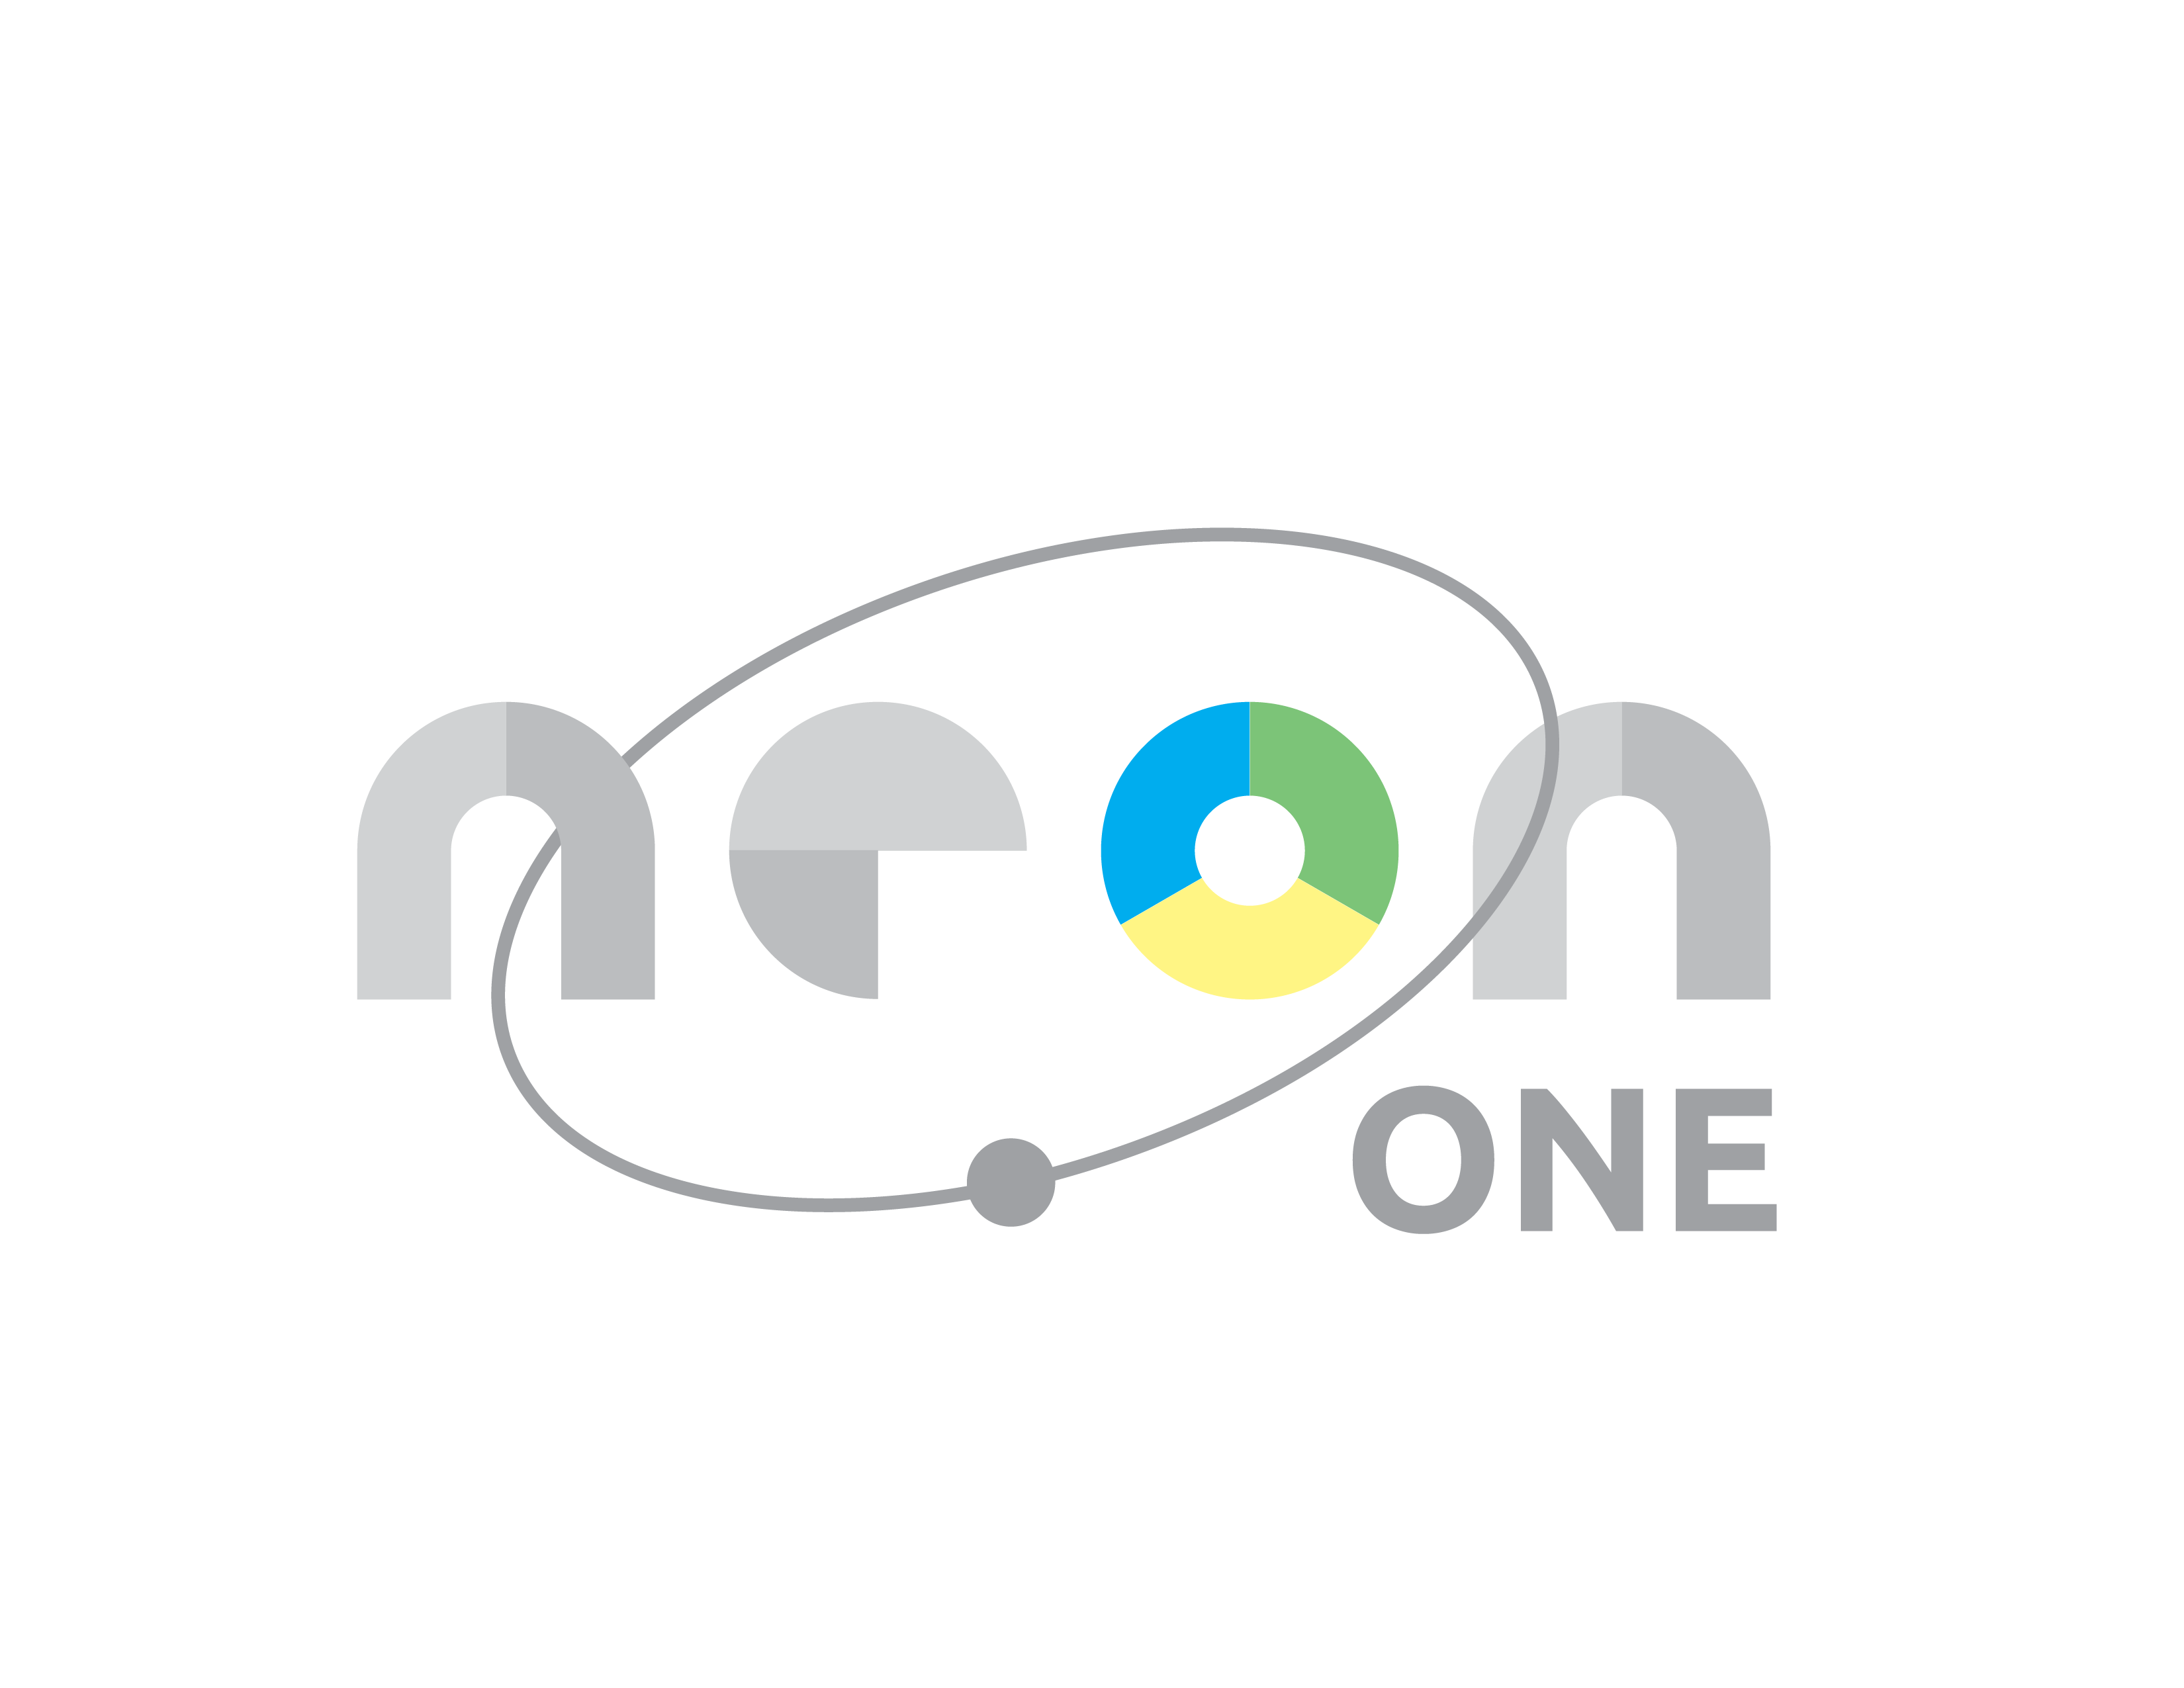 NeonOneLogo-01 (2)